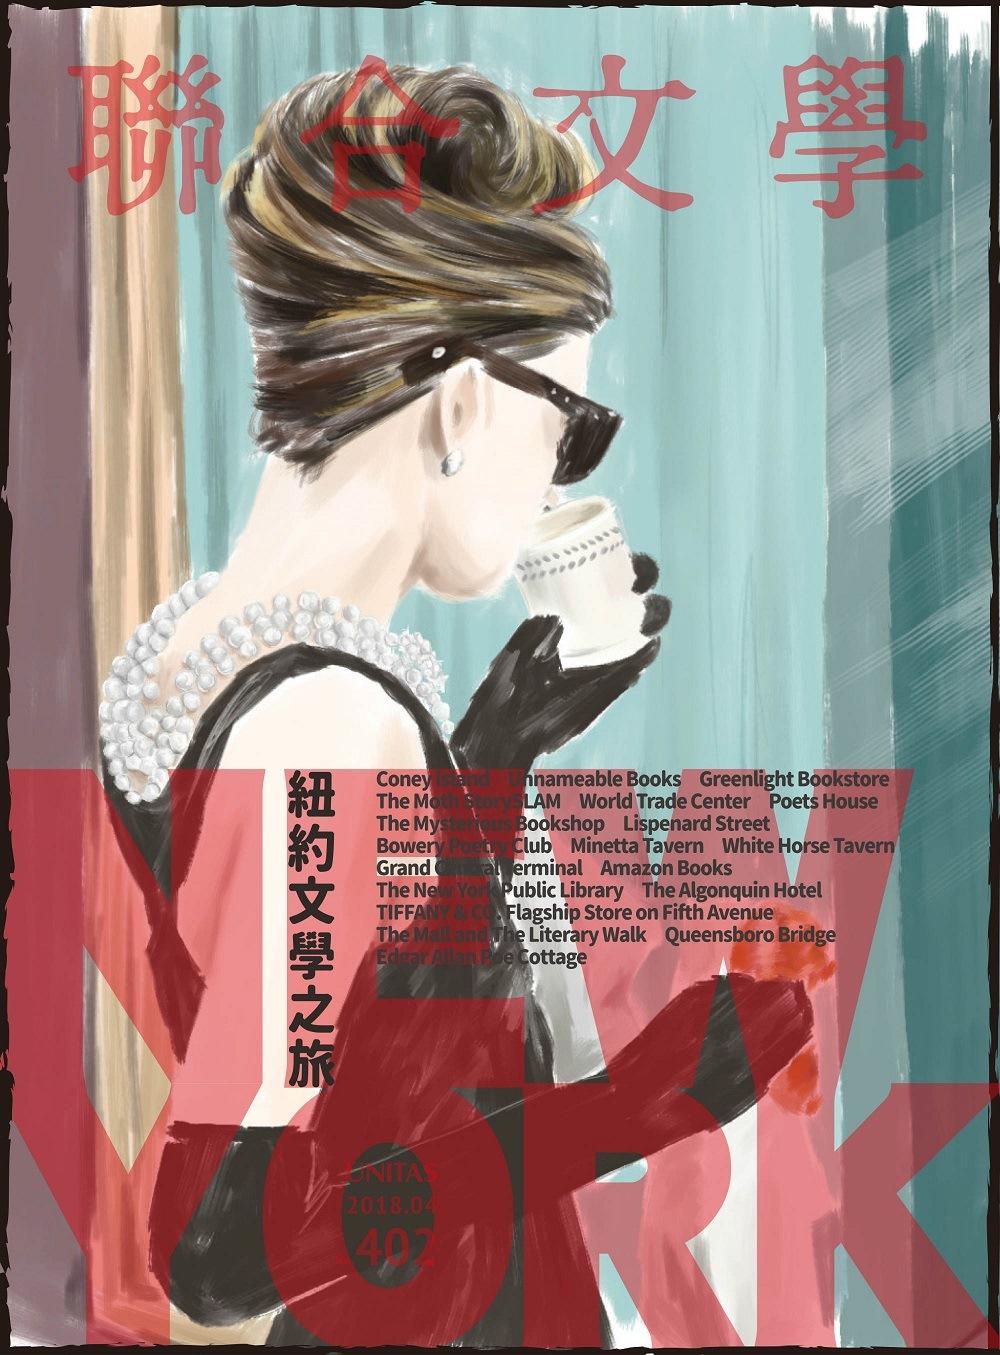 聯合文學一年12期 +石黑一雄絕版小說《夜曲》一本